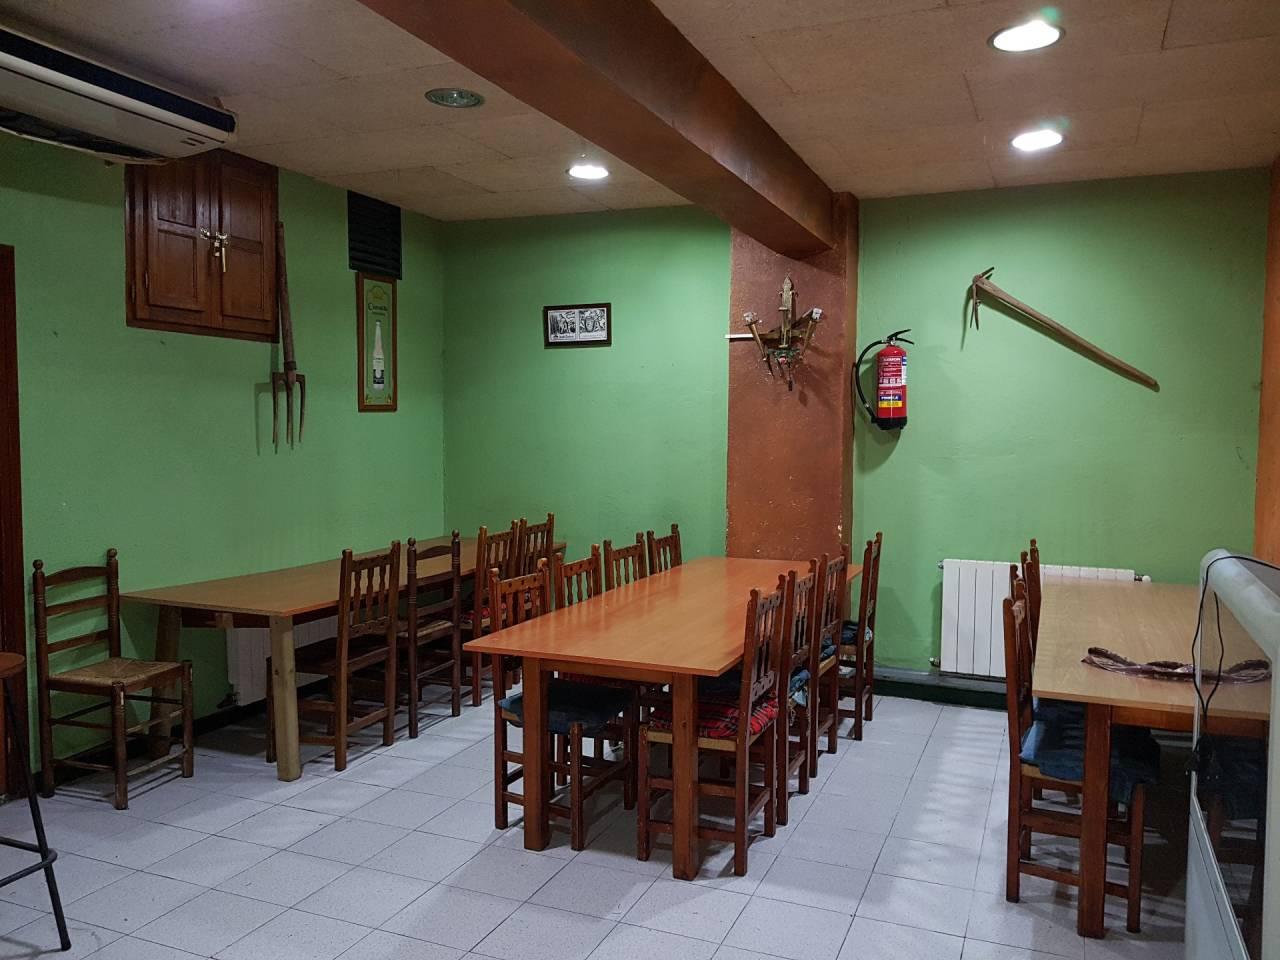 Local commercial  Calle canigo. Finques pardas - bar-restaurante de 150m2 de planta equipado y a